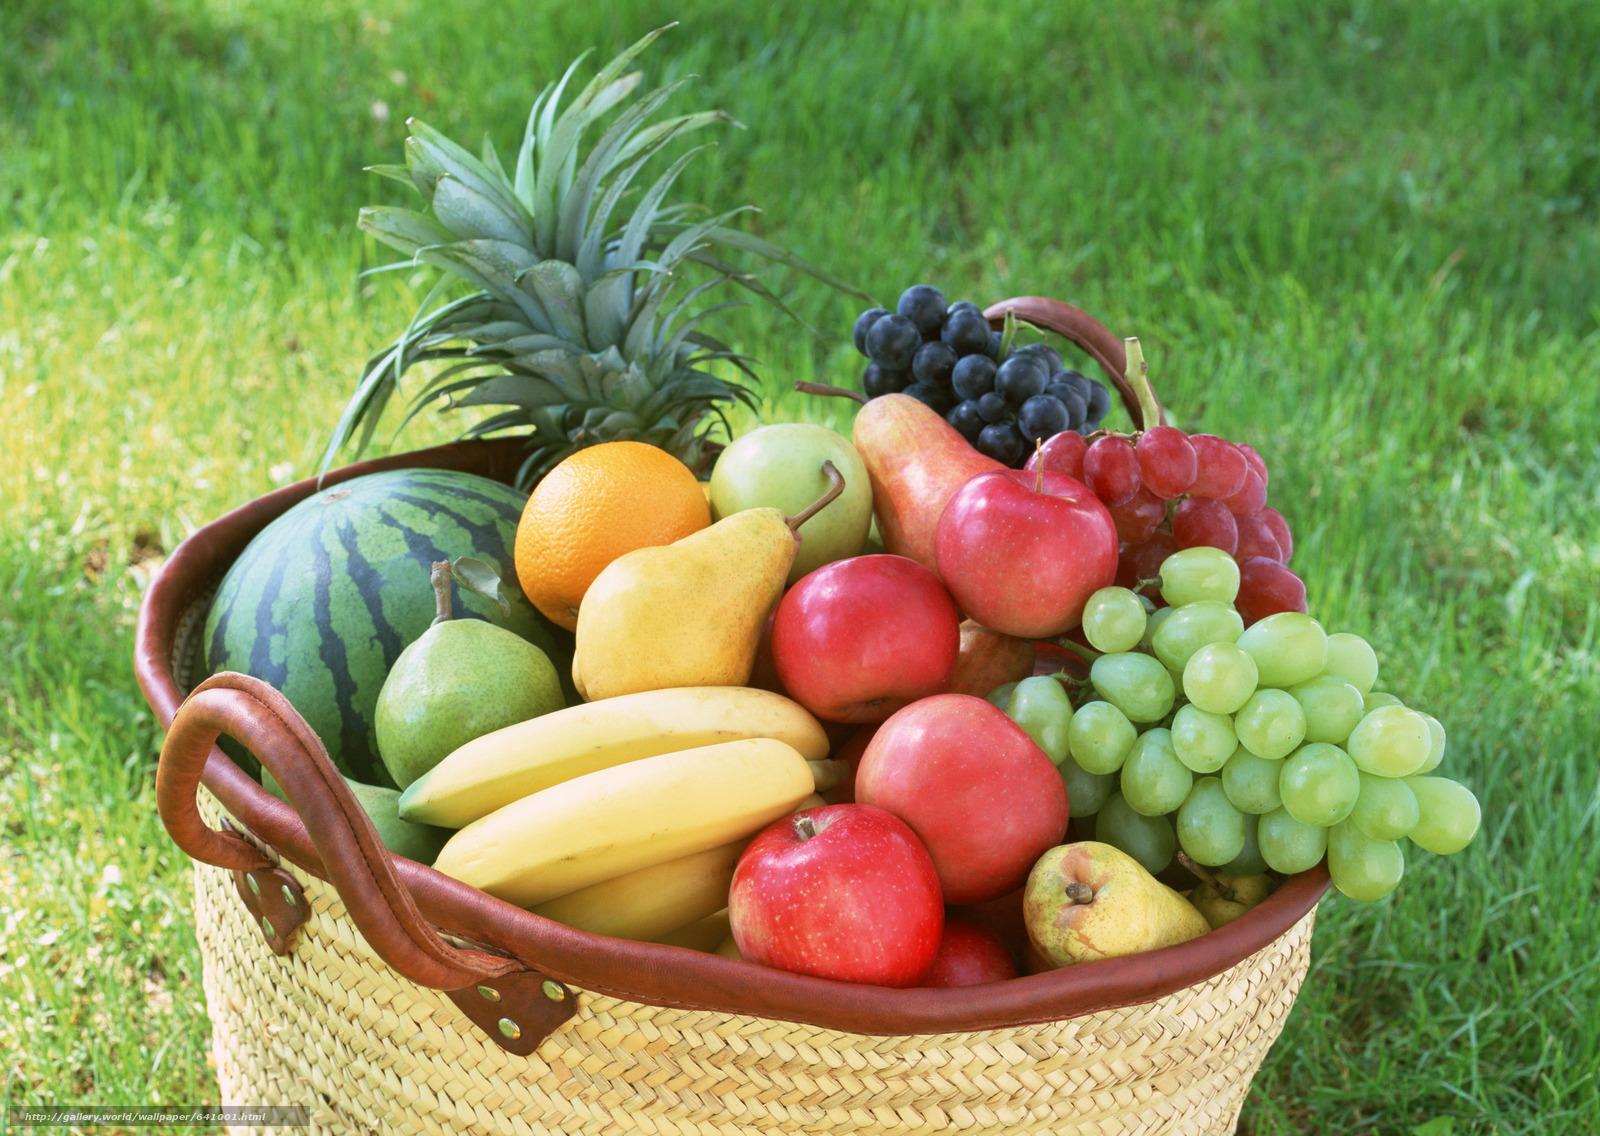 descarca imagini de fundal fruct,  fel de mâncare făcut,  floră,  plante Imagini de fundal gratuite pentru rezoluia desktop 2950x2094 — imagine №641001